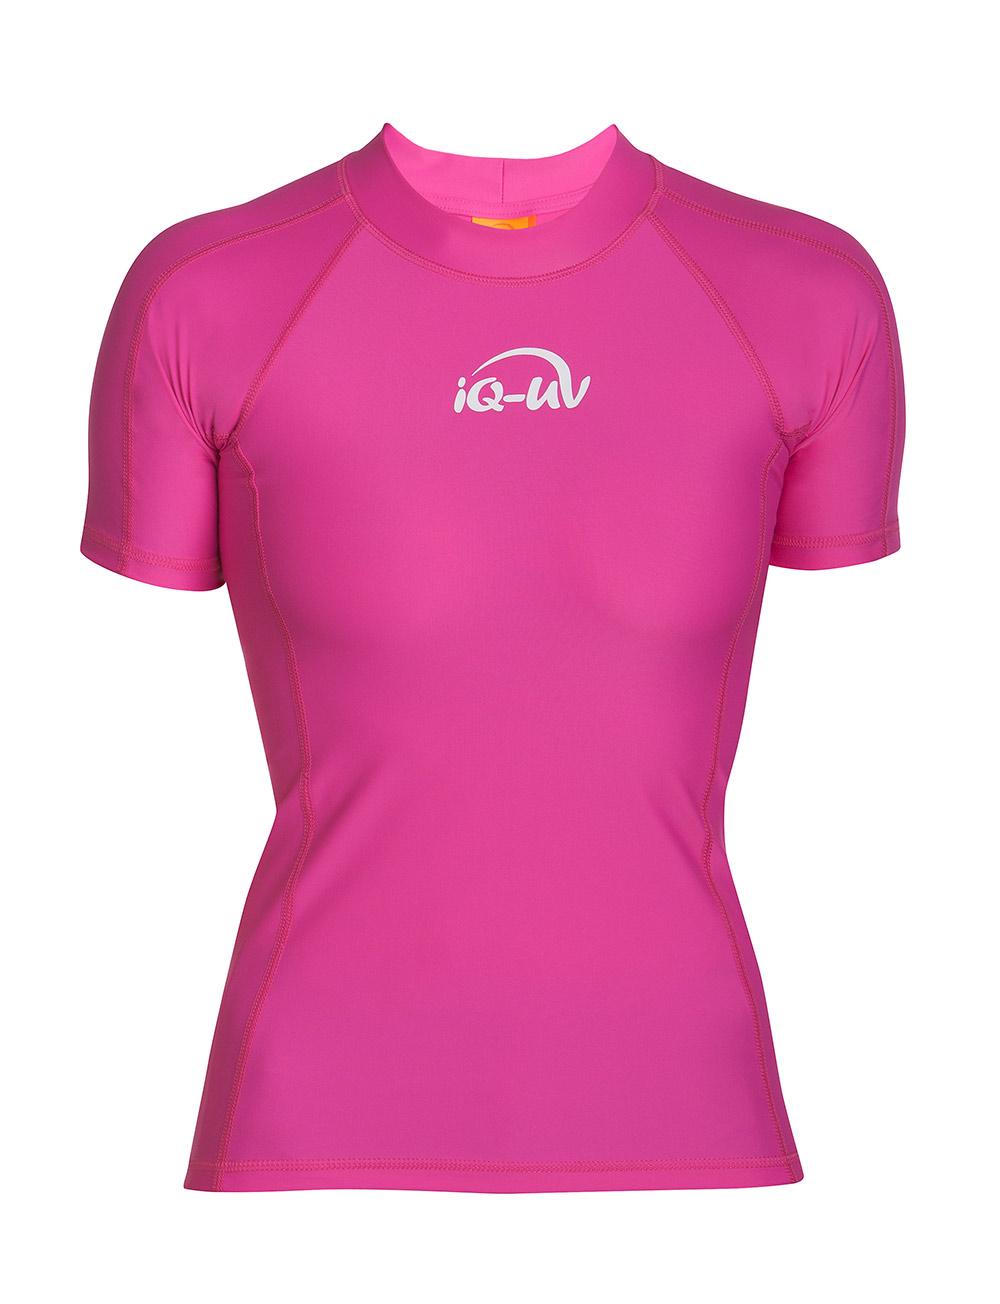 27011d2e4e0a51 Preview  IQ-UV-Damen-Shirt -UV-Schutz-UPF 300 ...